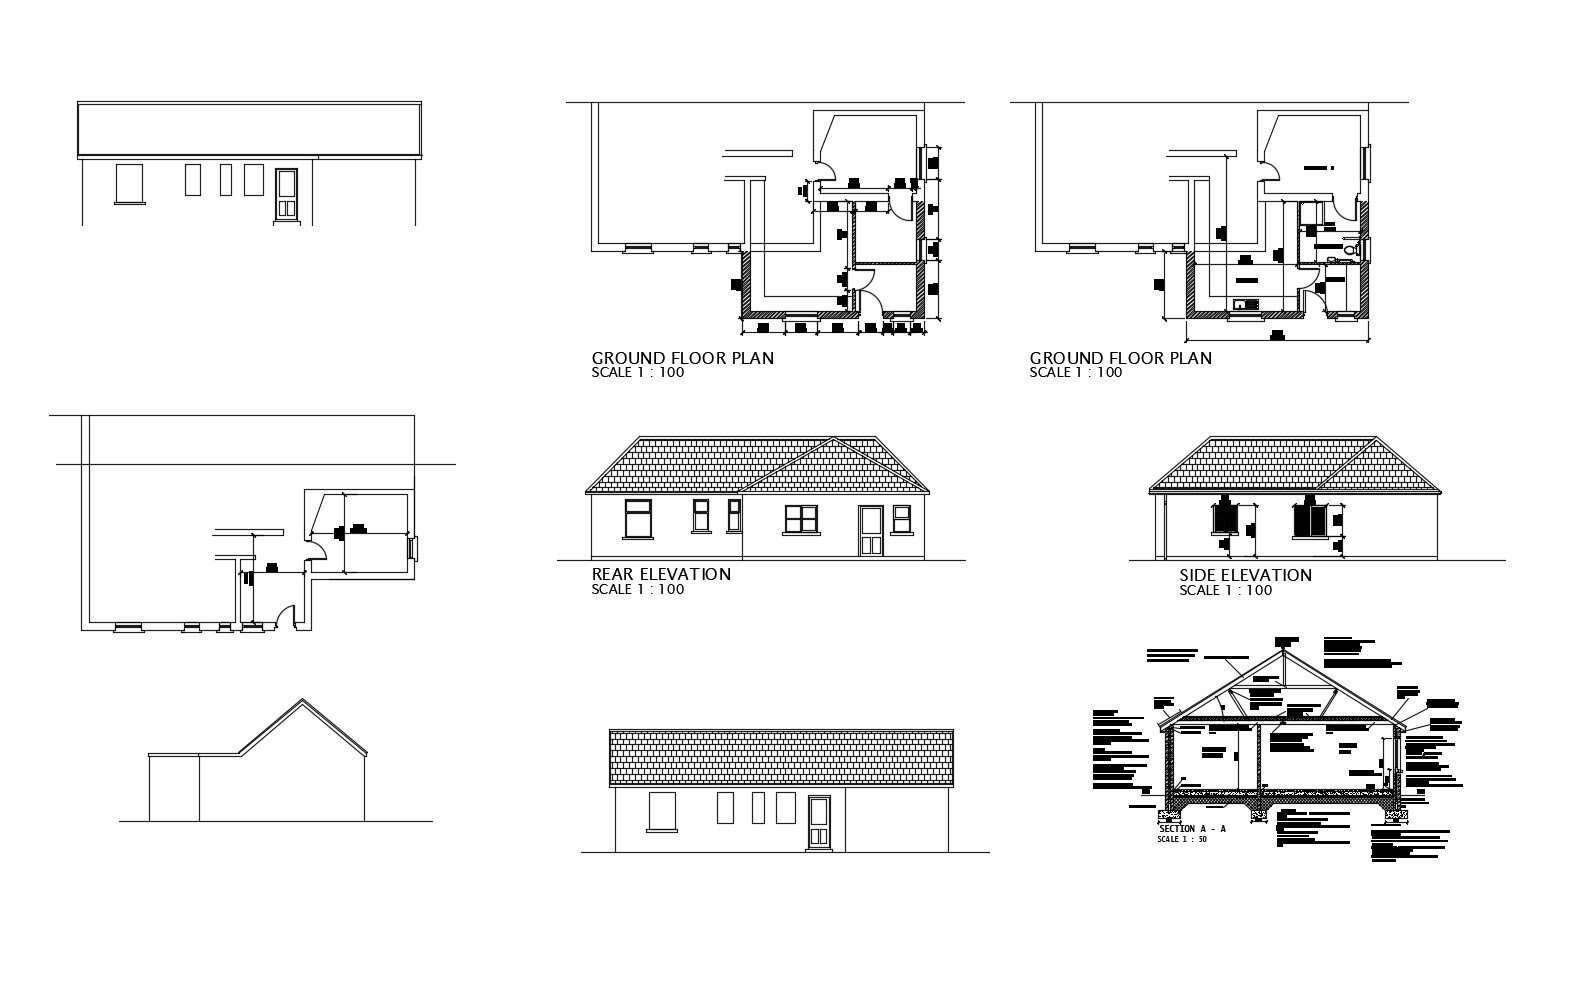 Pin On Ground Floor Plan